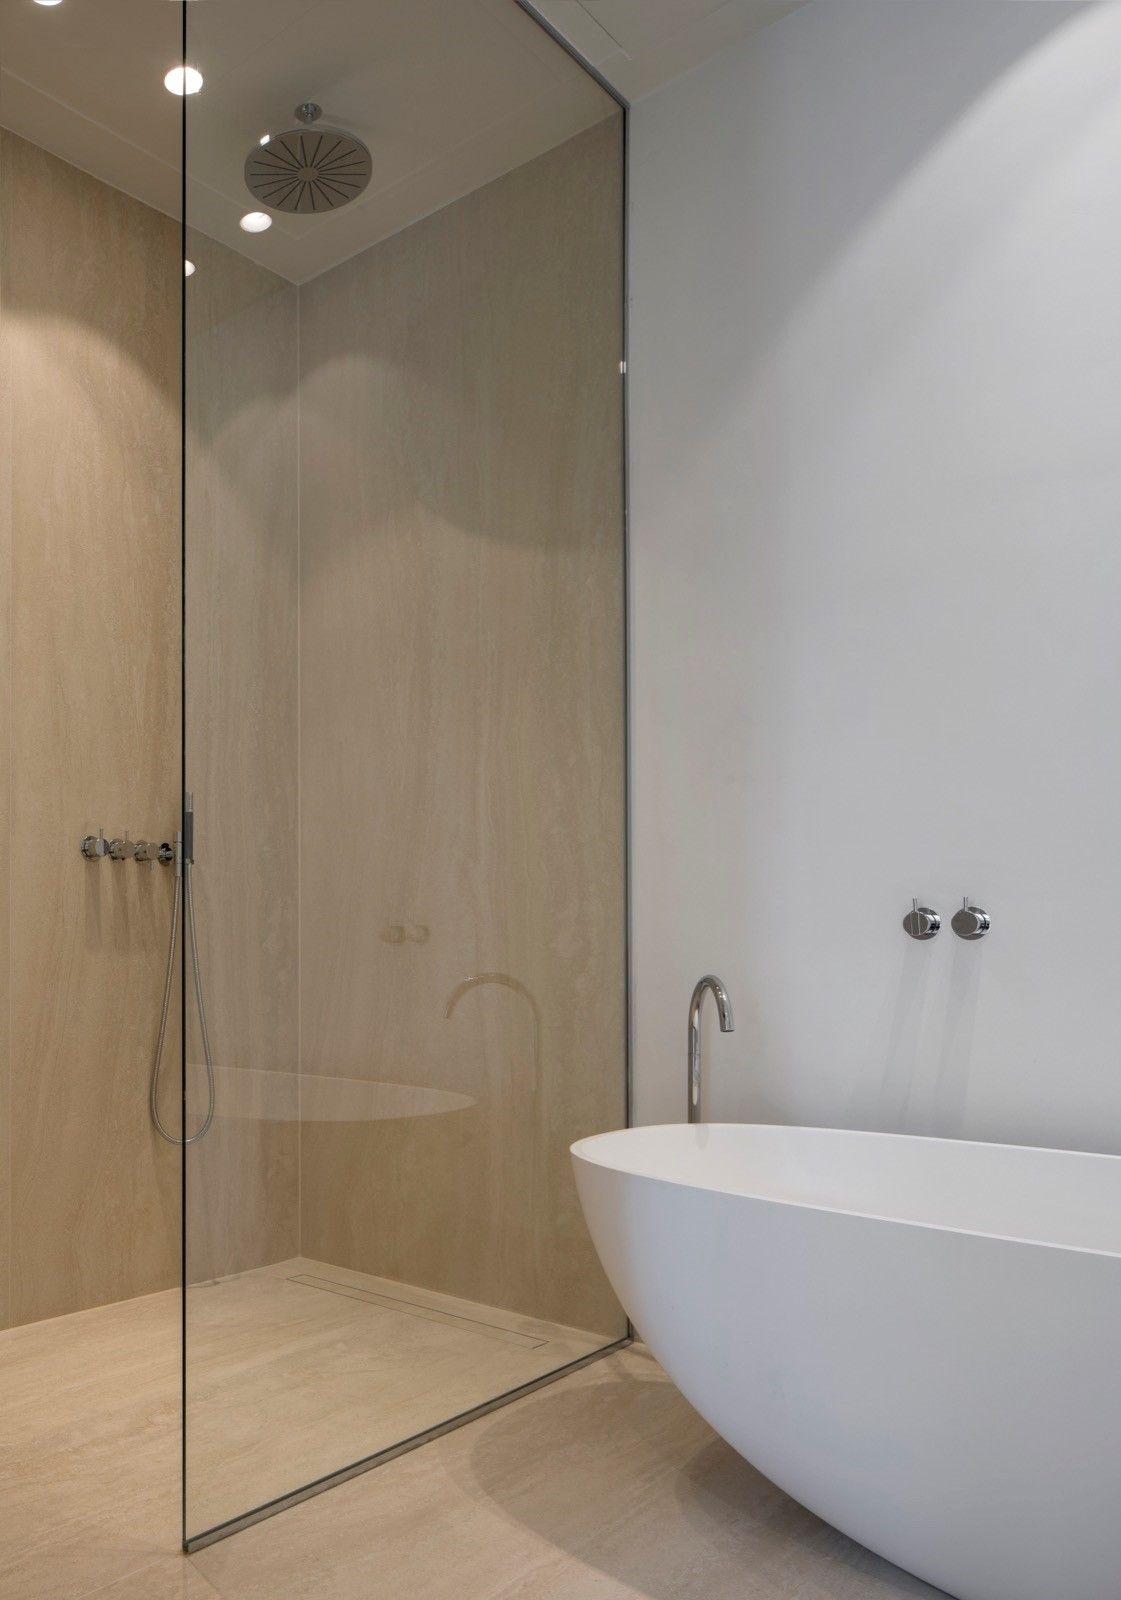 Exclusieve badkamer. Warme travertin (keramische) platen van 1x3 ...